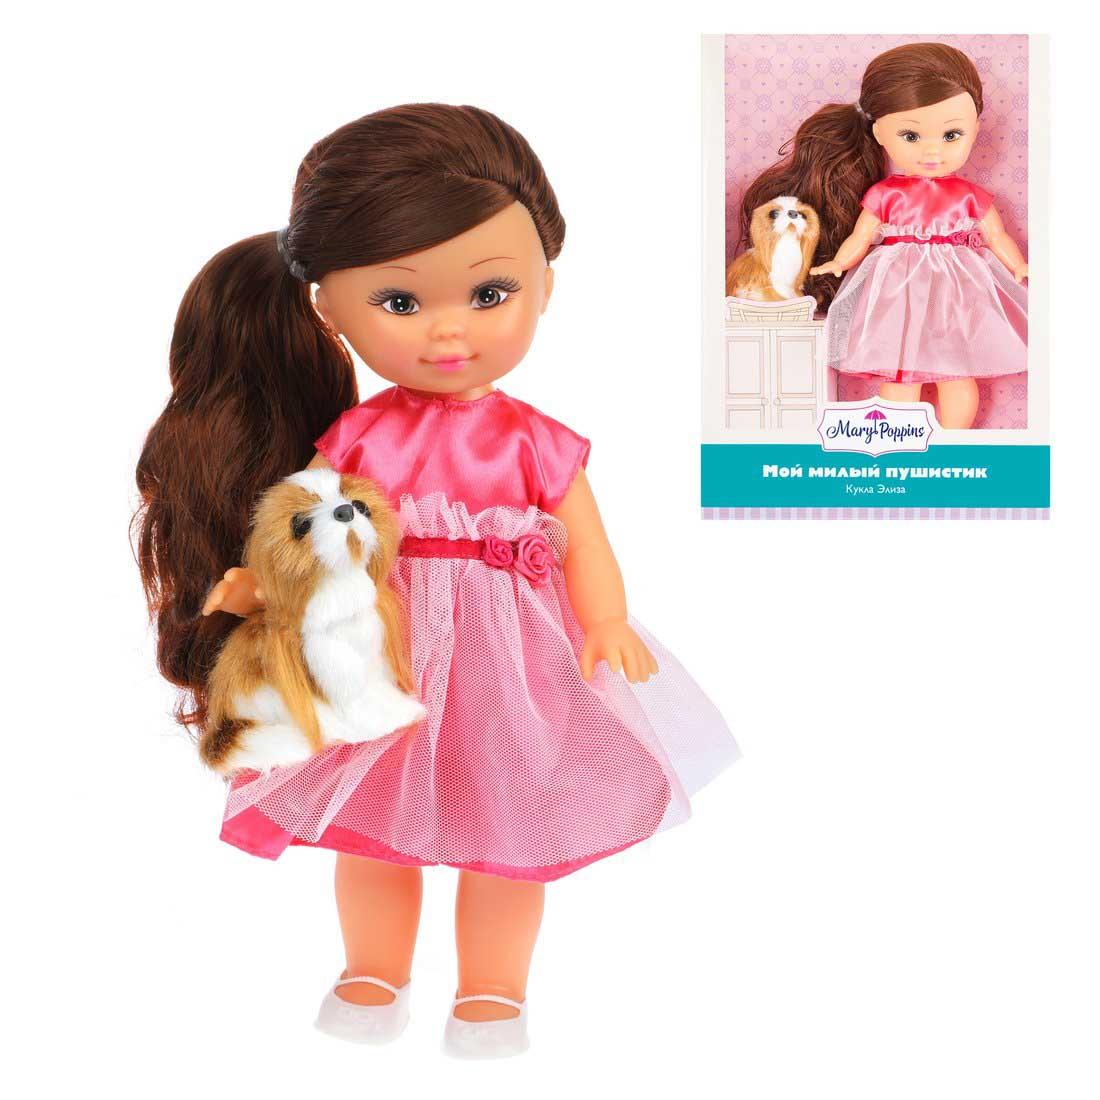 451238 Кукла Элиза  Мой милый пушистик, 26см, щенок.